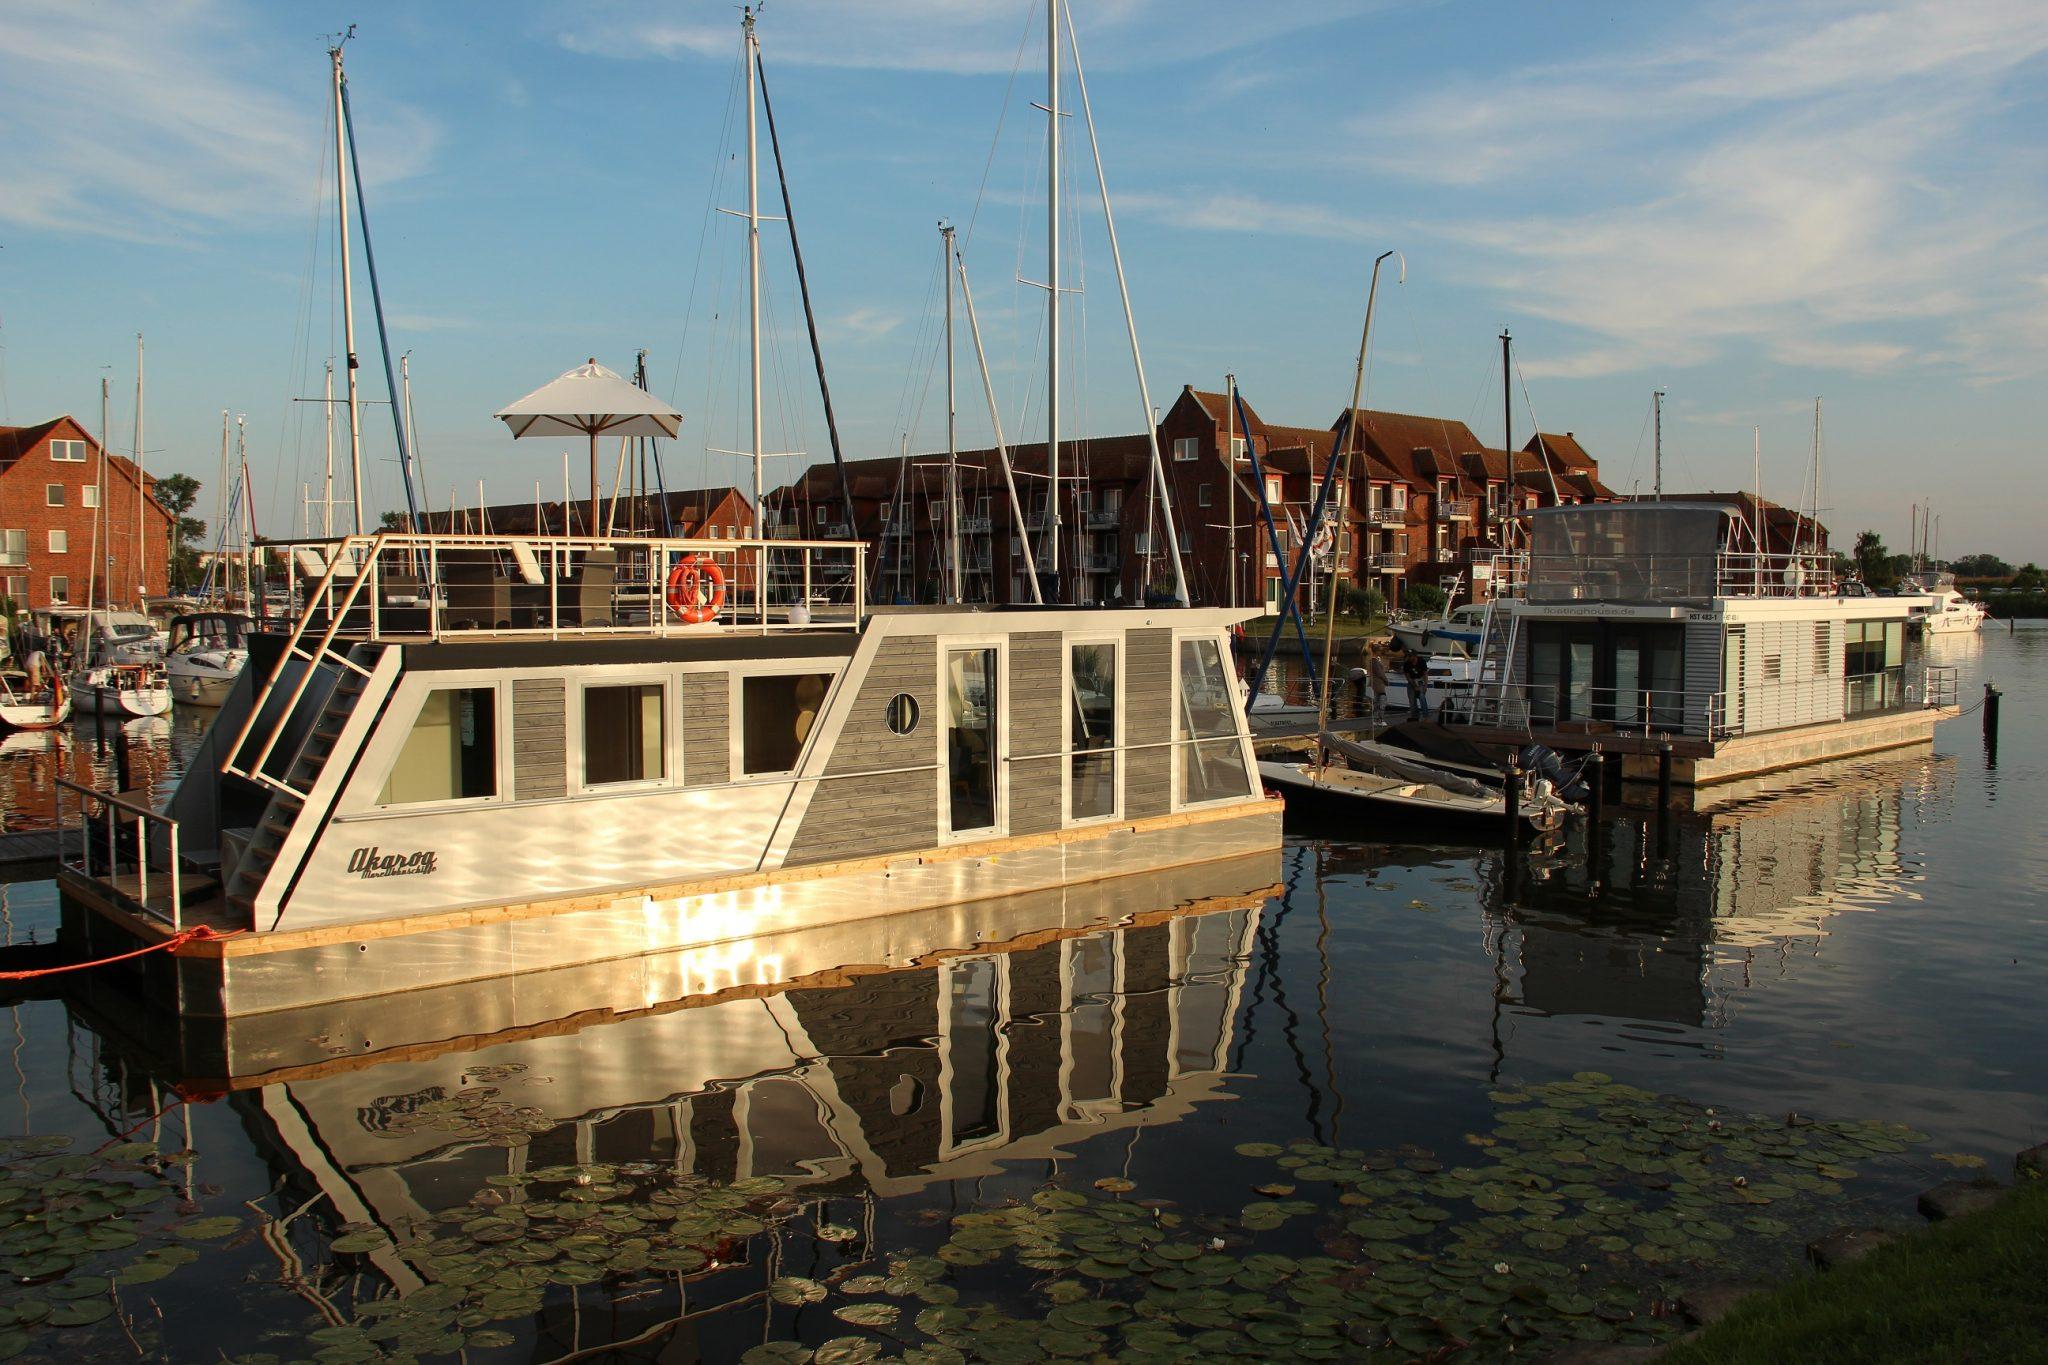 Hausboot mieten marina ueckerm nde for Klassisches hausboot mieten